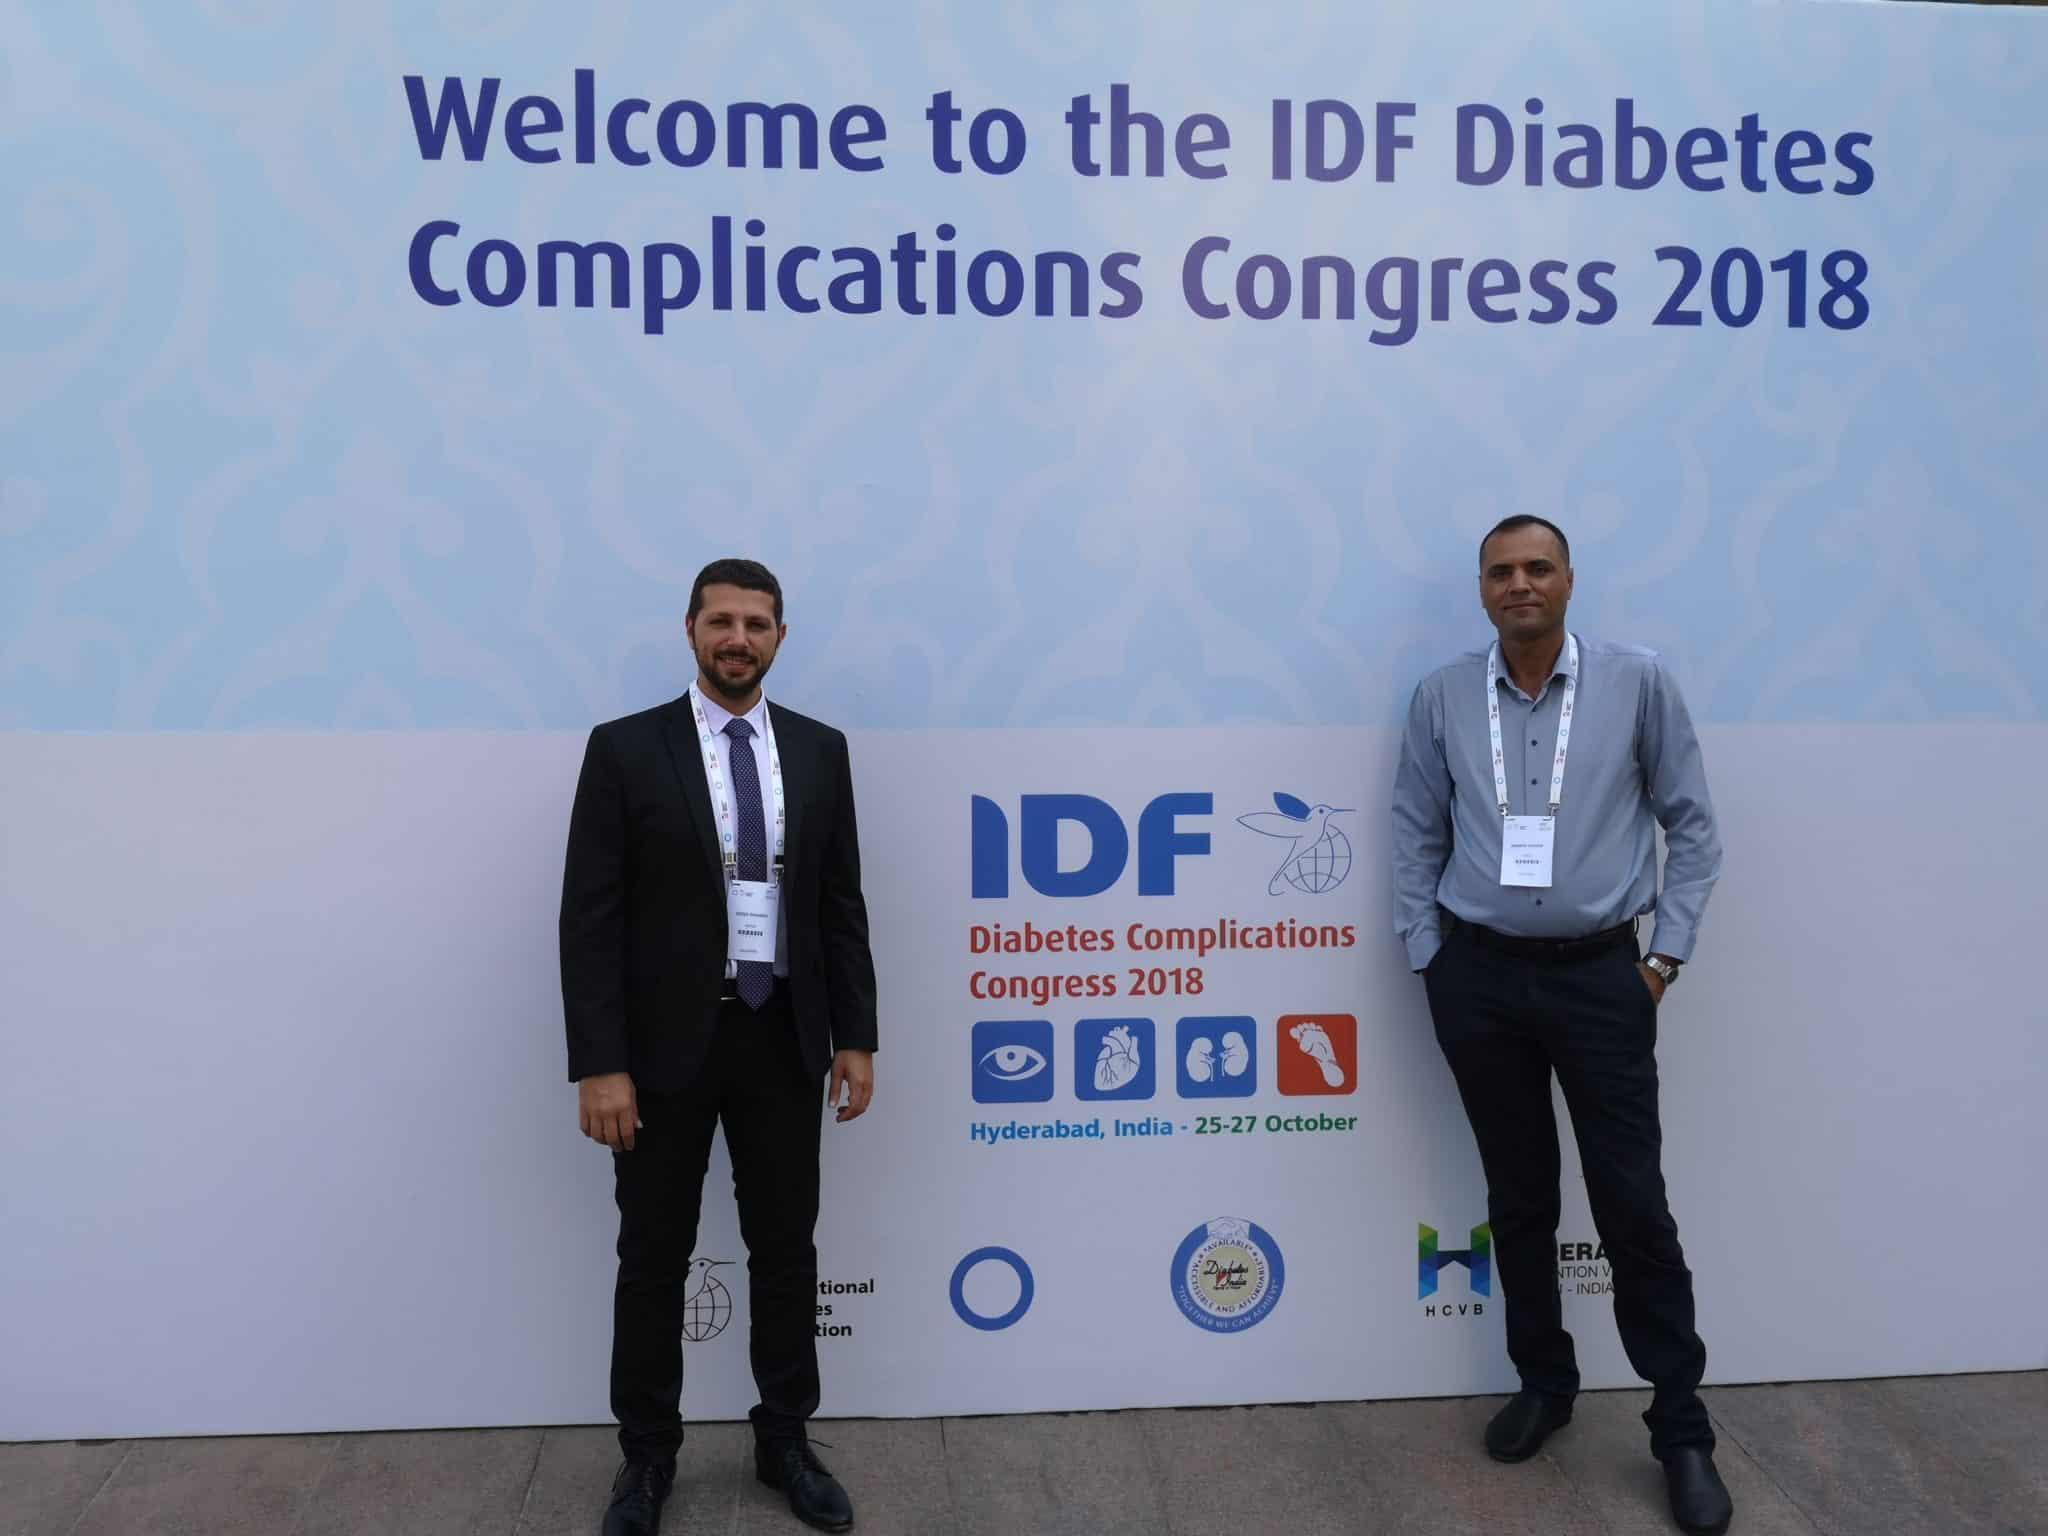 """מומחיםמבי""""ח כרמל הציגו עבודות מחקר בכנס הפדרציה הבינלאומי לסוכרת ה IDF בהודו"""